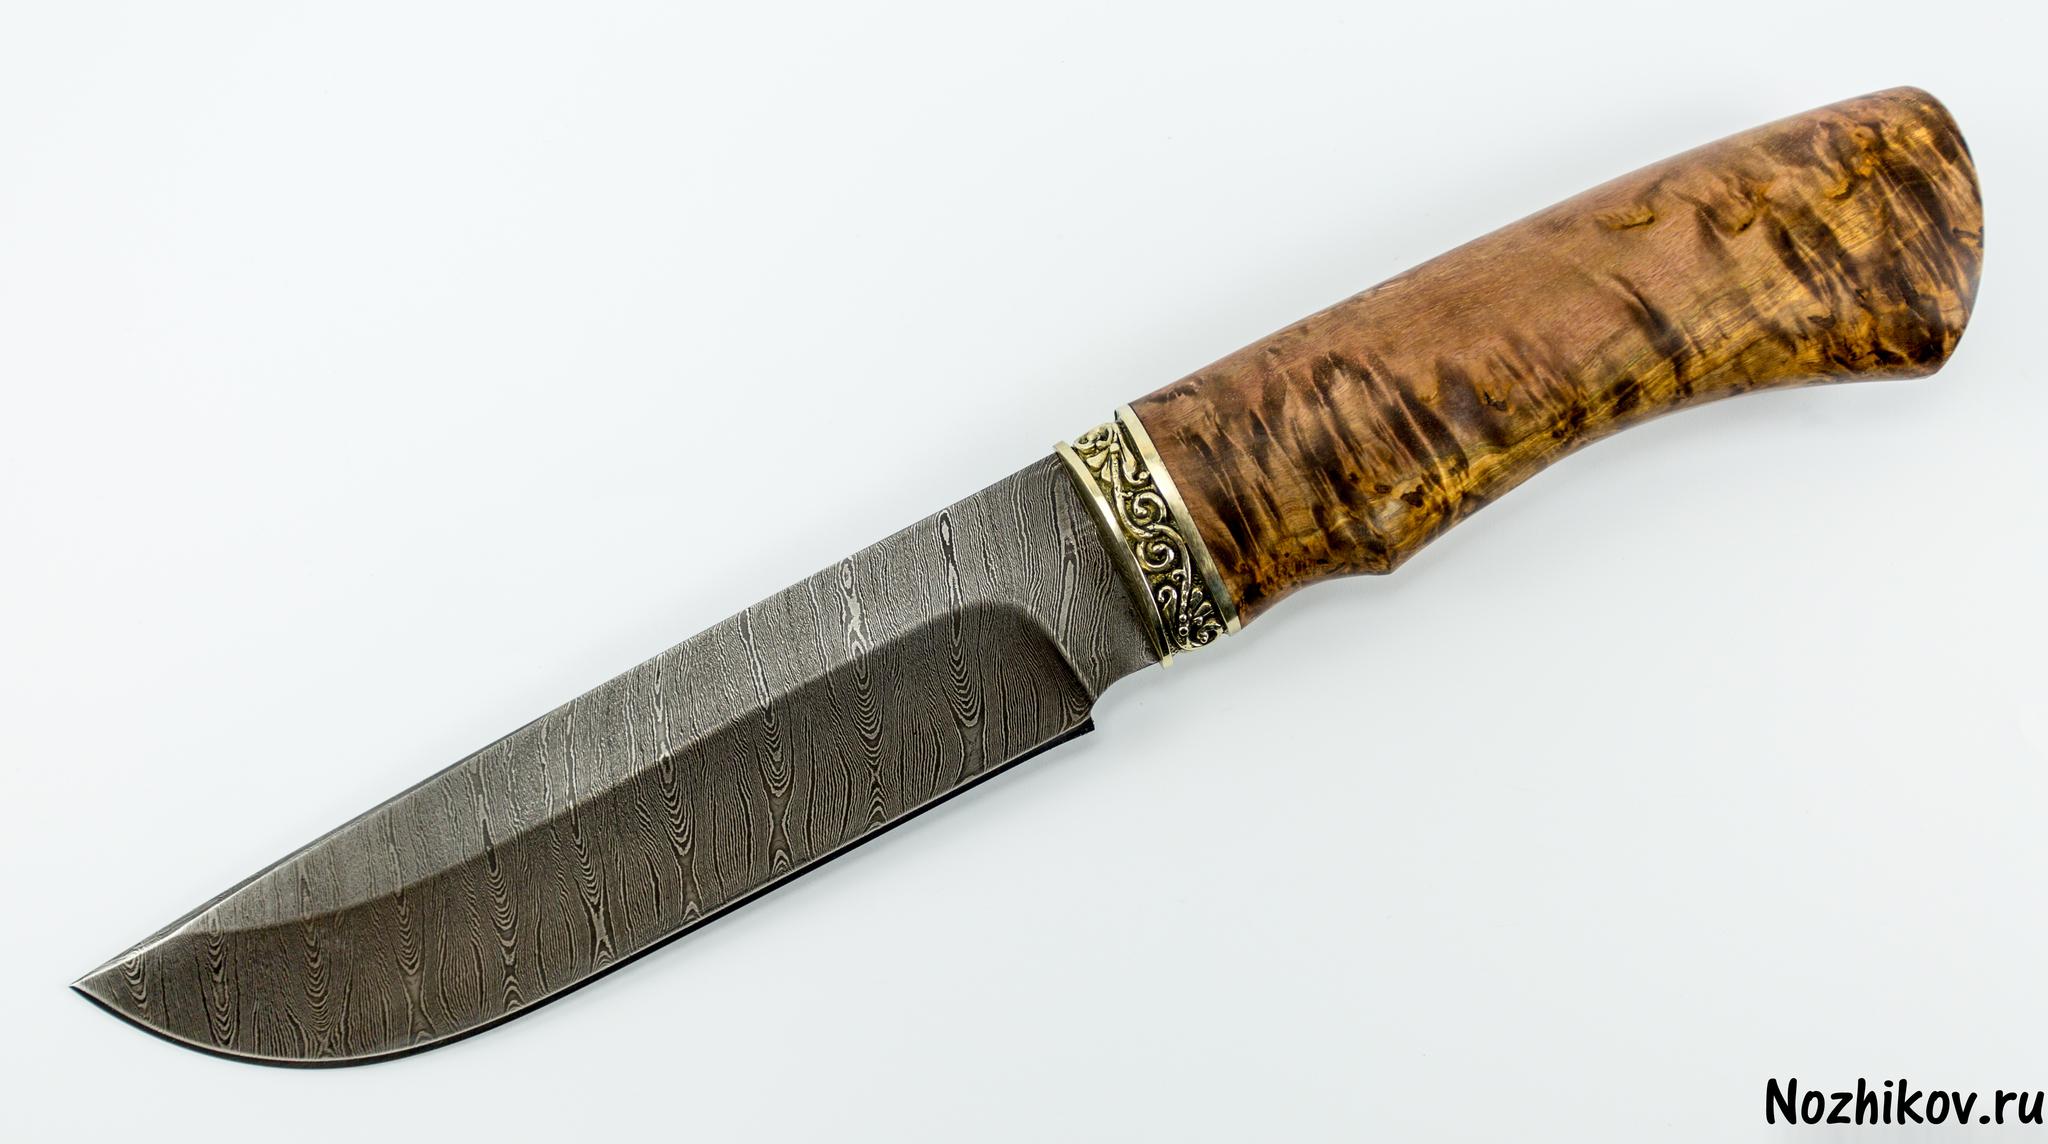 Нож MT-104, дамаск, Металлист, карельская березаМеталлист<br>Клинок всадного ножа MT-104 имеет традиционную форму, которая давно используется на русских северных ножах: классический прямой обух с небольшим понижением в направлении острия и плавный подъем режущей кромки. Высокие спуски и тонкое сведение обеспечивают ровный и хорошо контролируемый рез. Острый кончик и фальшлезвие на обухе обеспечивают эффективную передачу усилия при совершении укола.Рукоять ножа выполнена из стабилизированной древесины. Этот материал проверен не одним поколением охотников и туристов. Главной особенность рукоятей из дерева является то, что опытные люди называют «теплотой». Такую рукоятку можно уверенно удерживать на морозе голой рукой и при этом совершенно не испытывать холода.Благодаря особому рисунку алмазной стали, литому больстеру, черной матовой рукояти и чехлу из плотной натуральной кожи нож производит впечатление статусного мужского аксессуара. Такой нож может стать отличным подарком другу, боссу или партнеру по бизнесу.<br>Смотреть все охотничьи и туристические ножи<br>